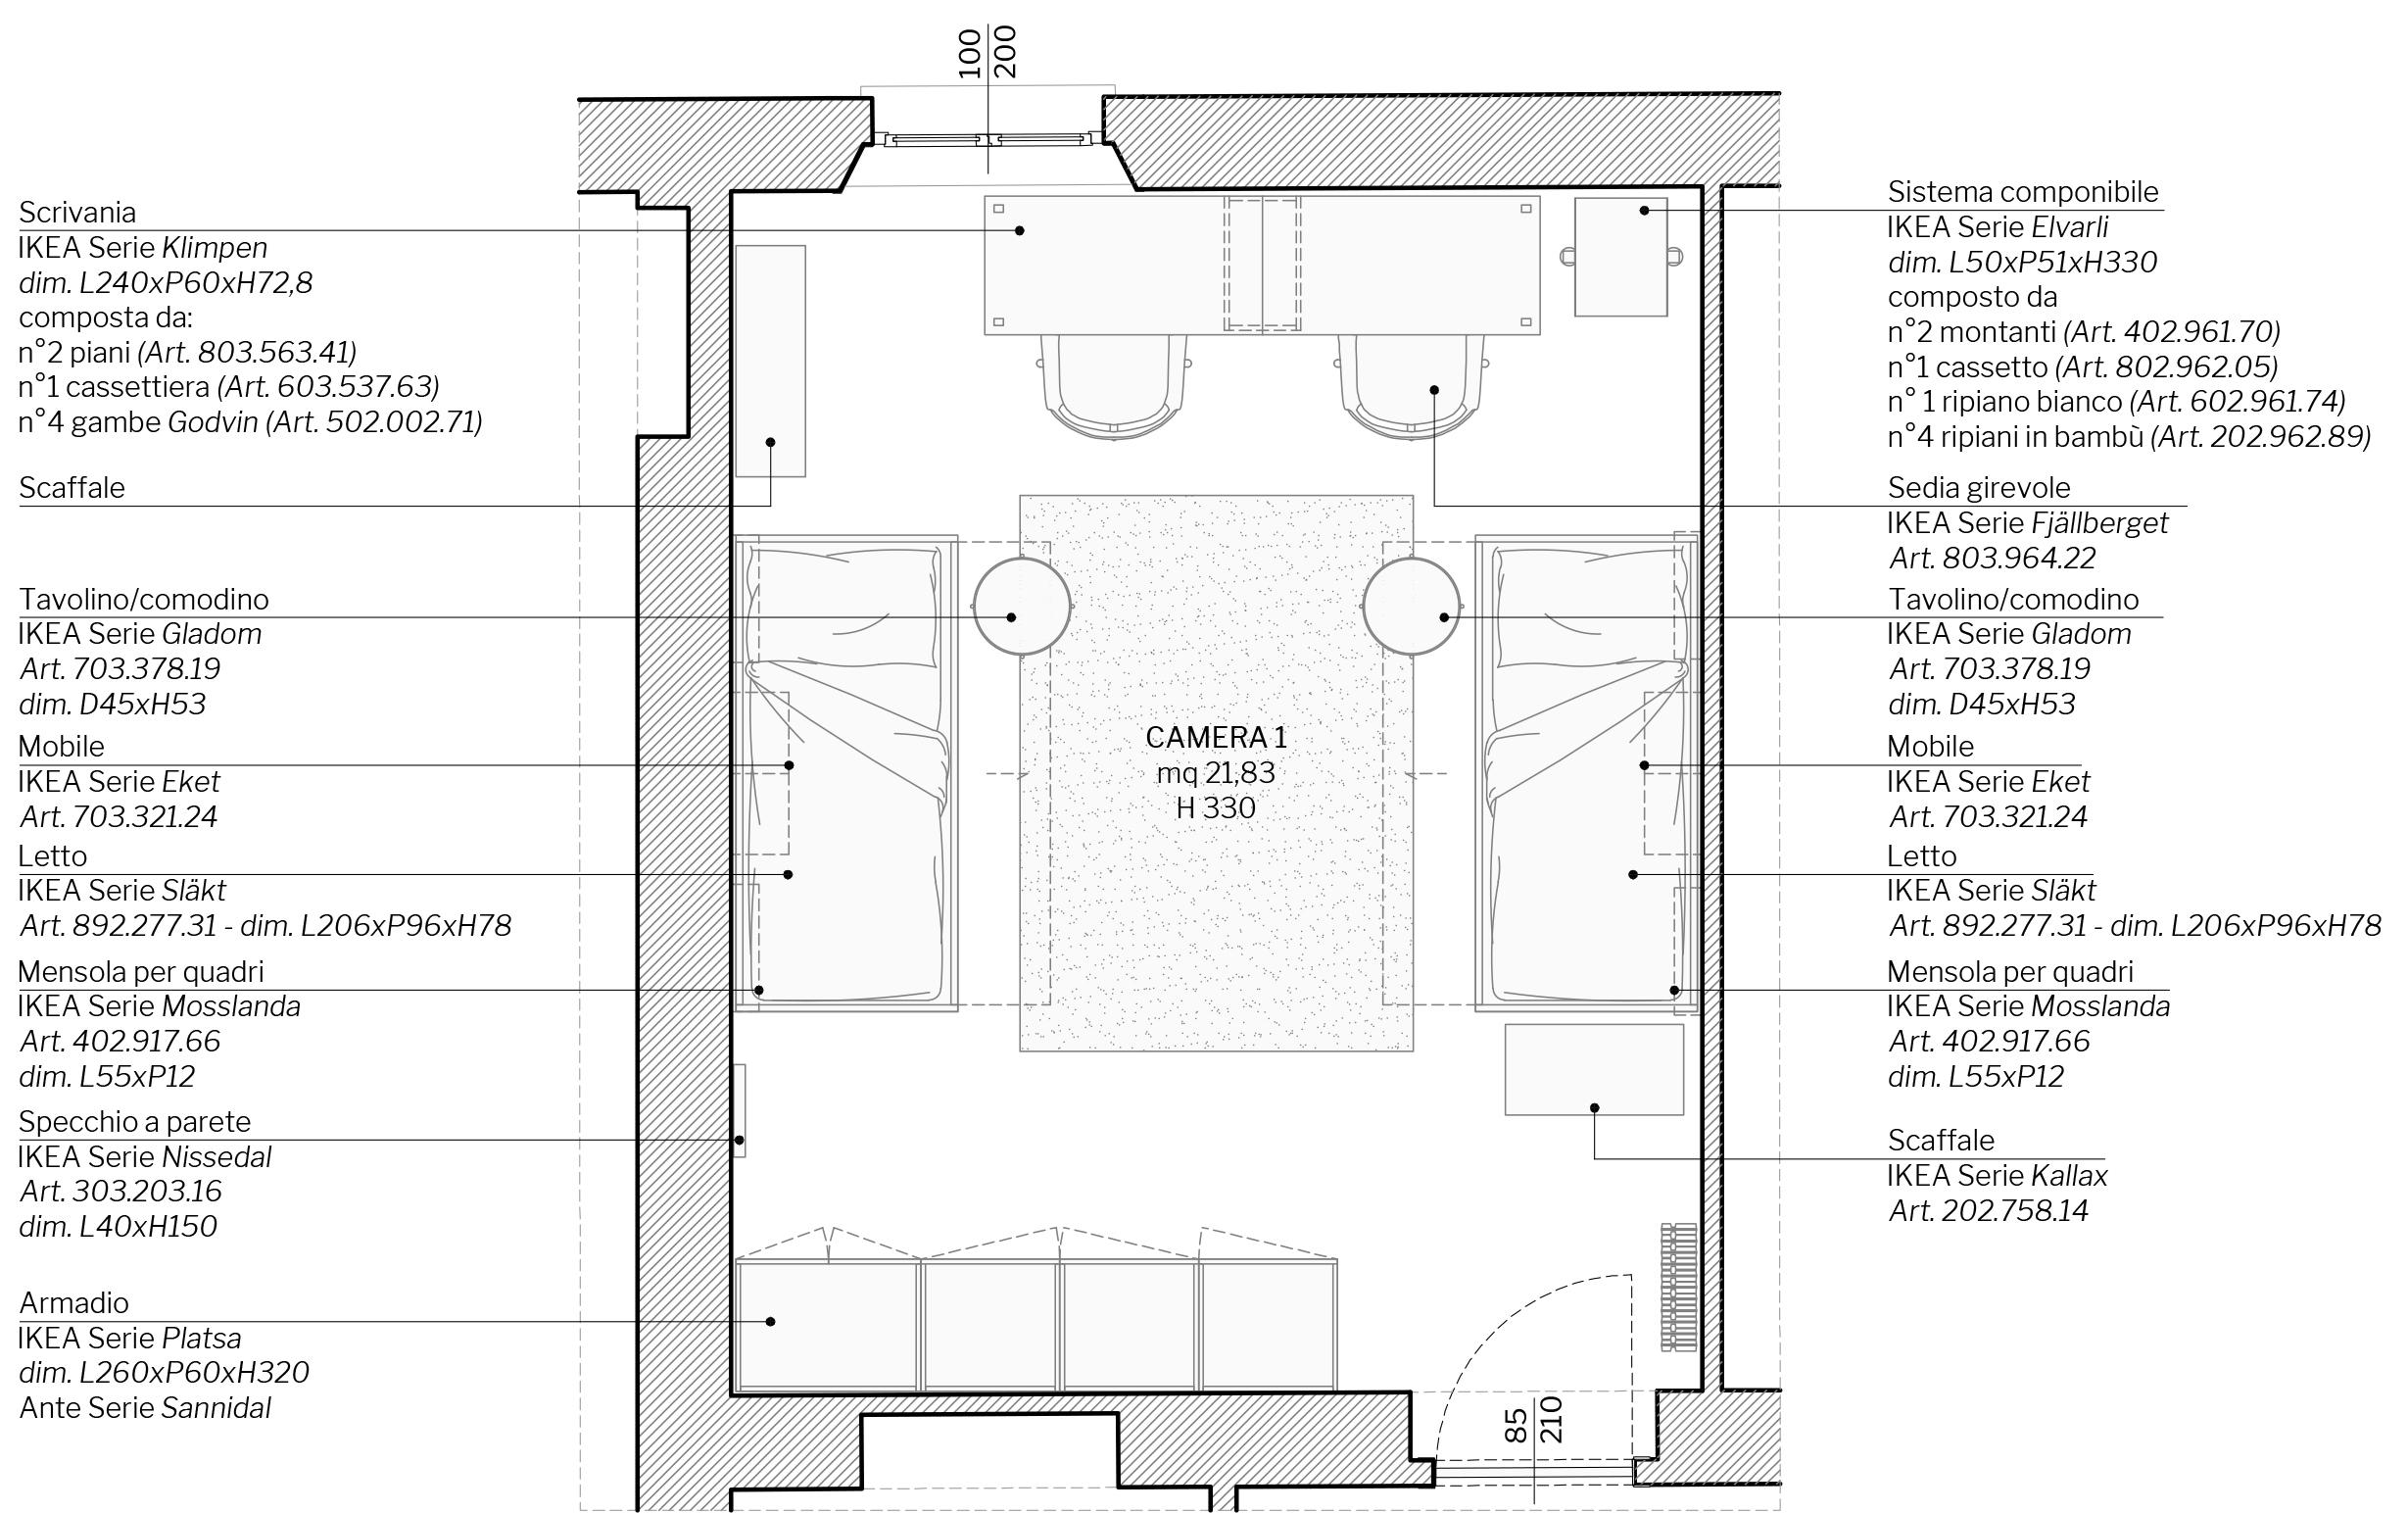 Appartamento in Cernusco sul Naviglio